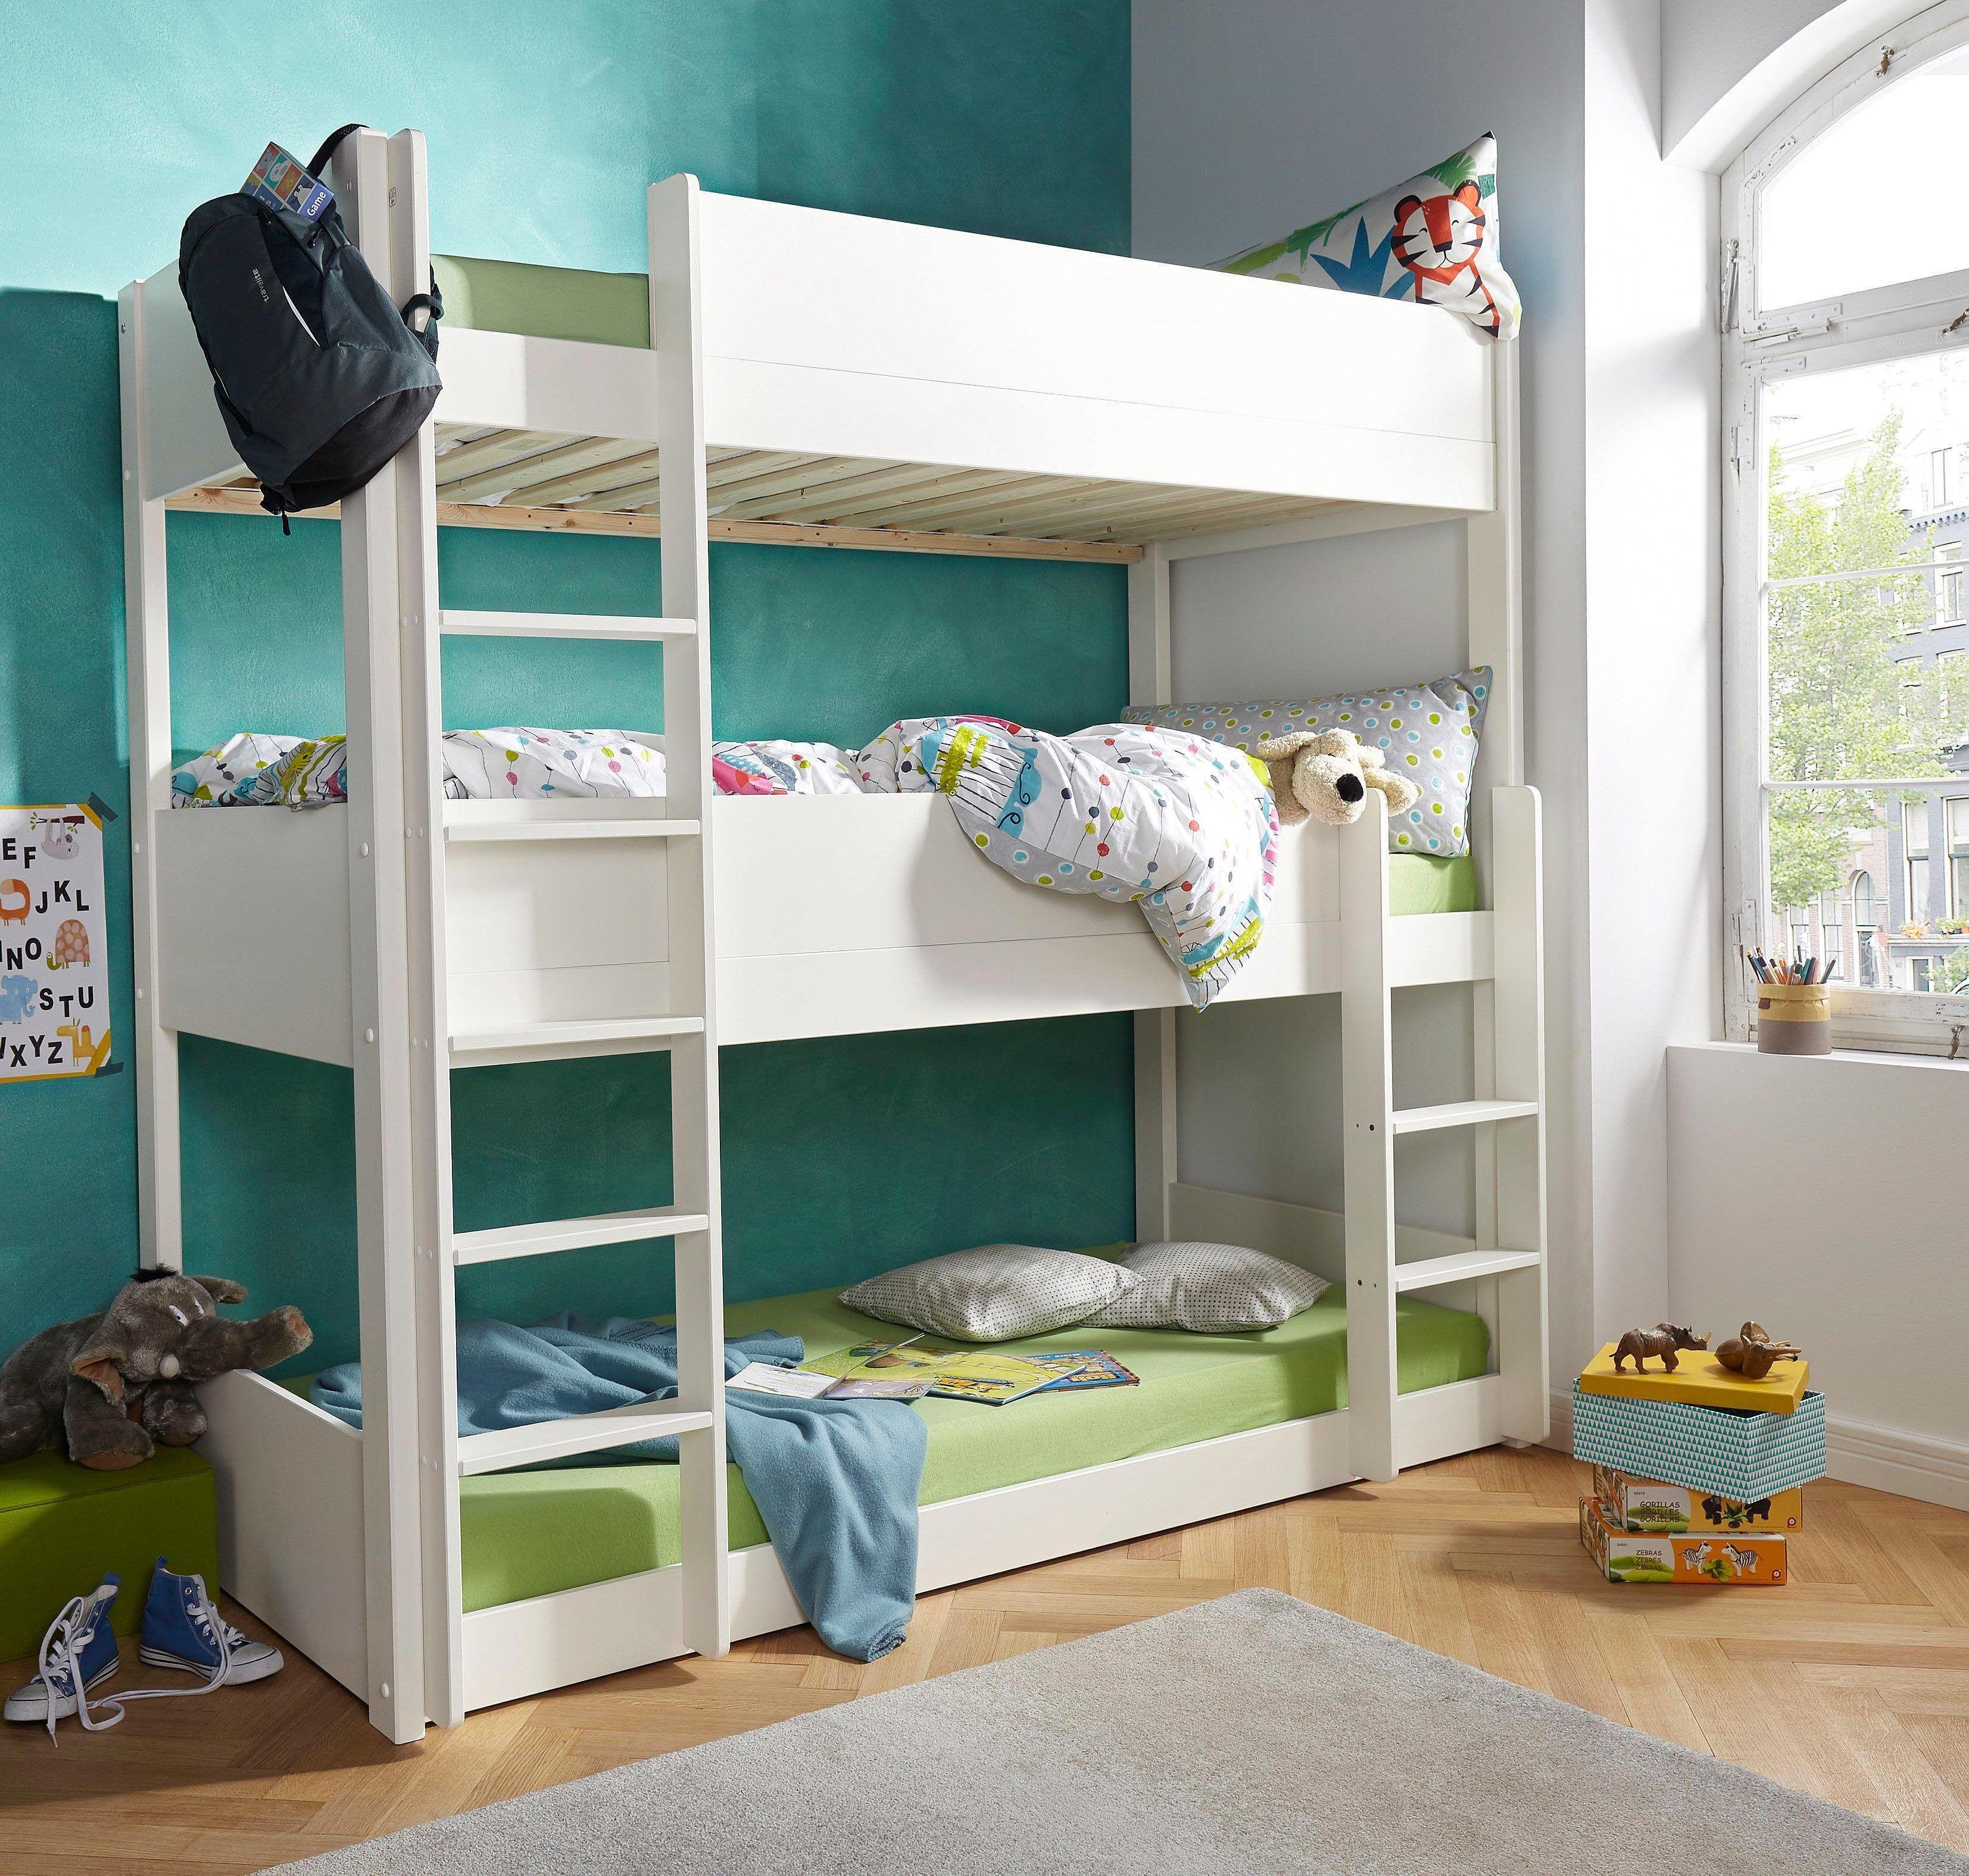 Hochbett Mit Zwei Einzelbetten Und Stauraum Bett Ideen